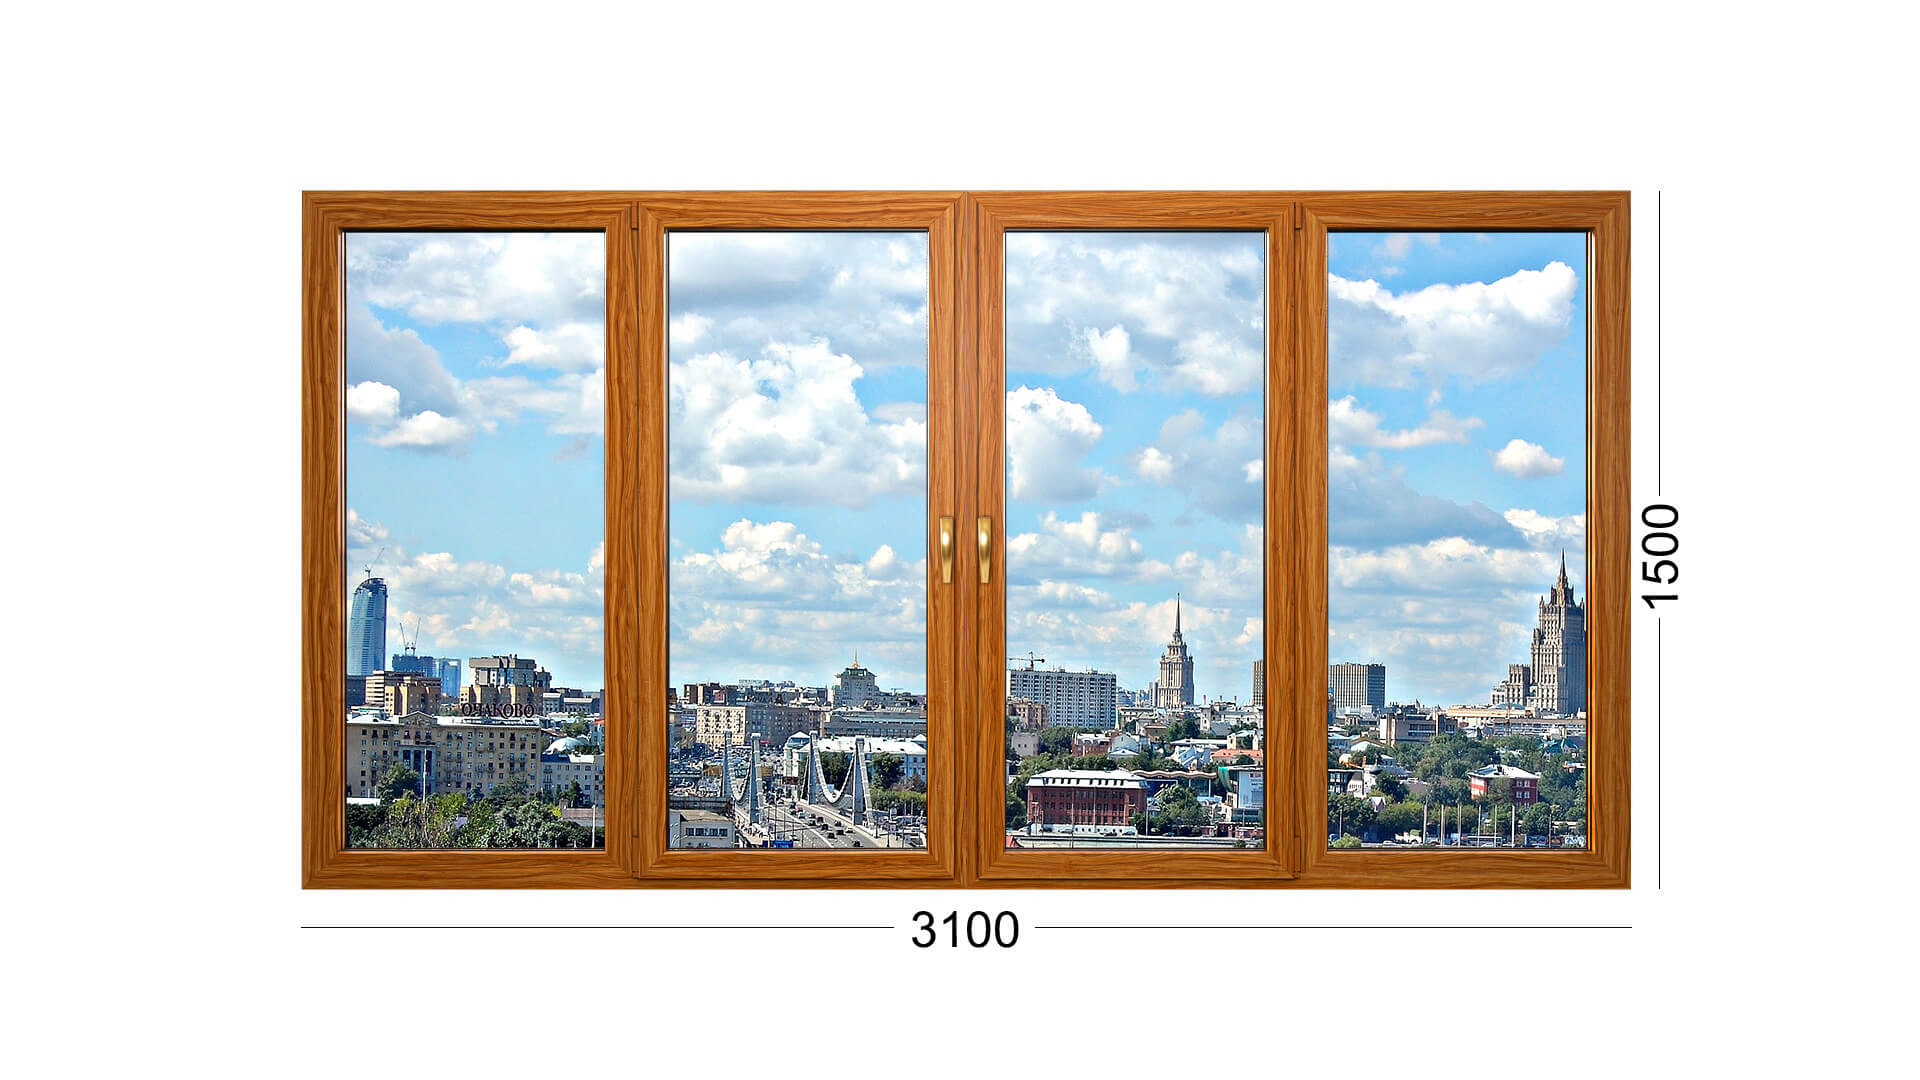 Фотография конструкции окна деревянного дома серии П 43 в Москве. Дом панельный, старый. Замена окон